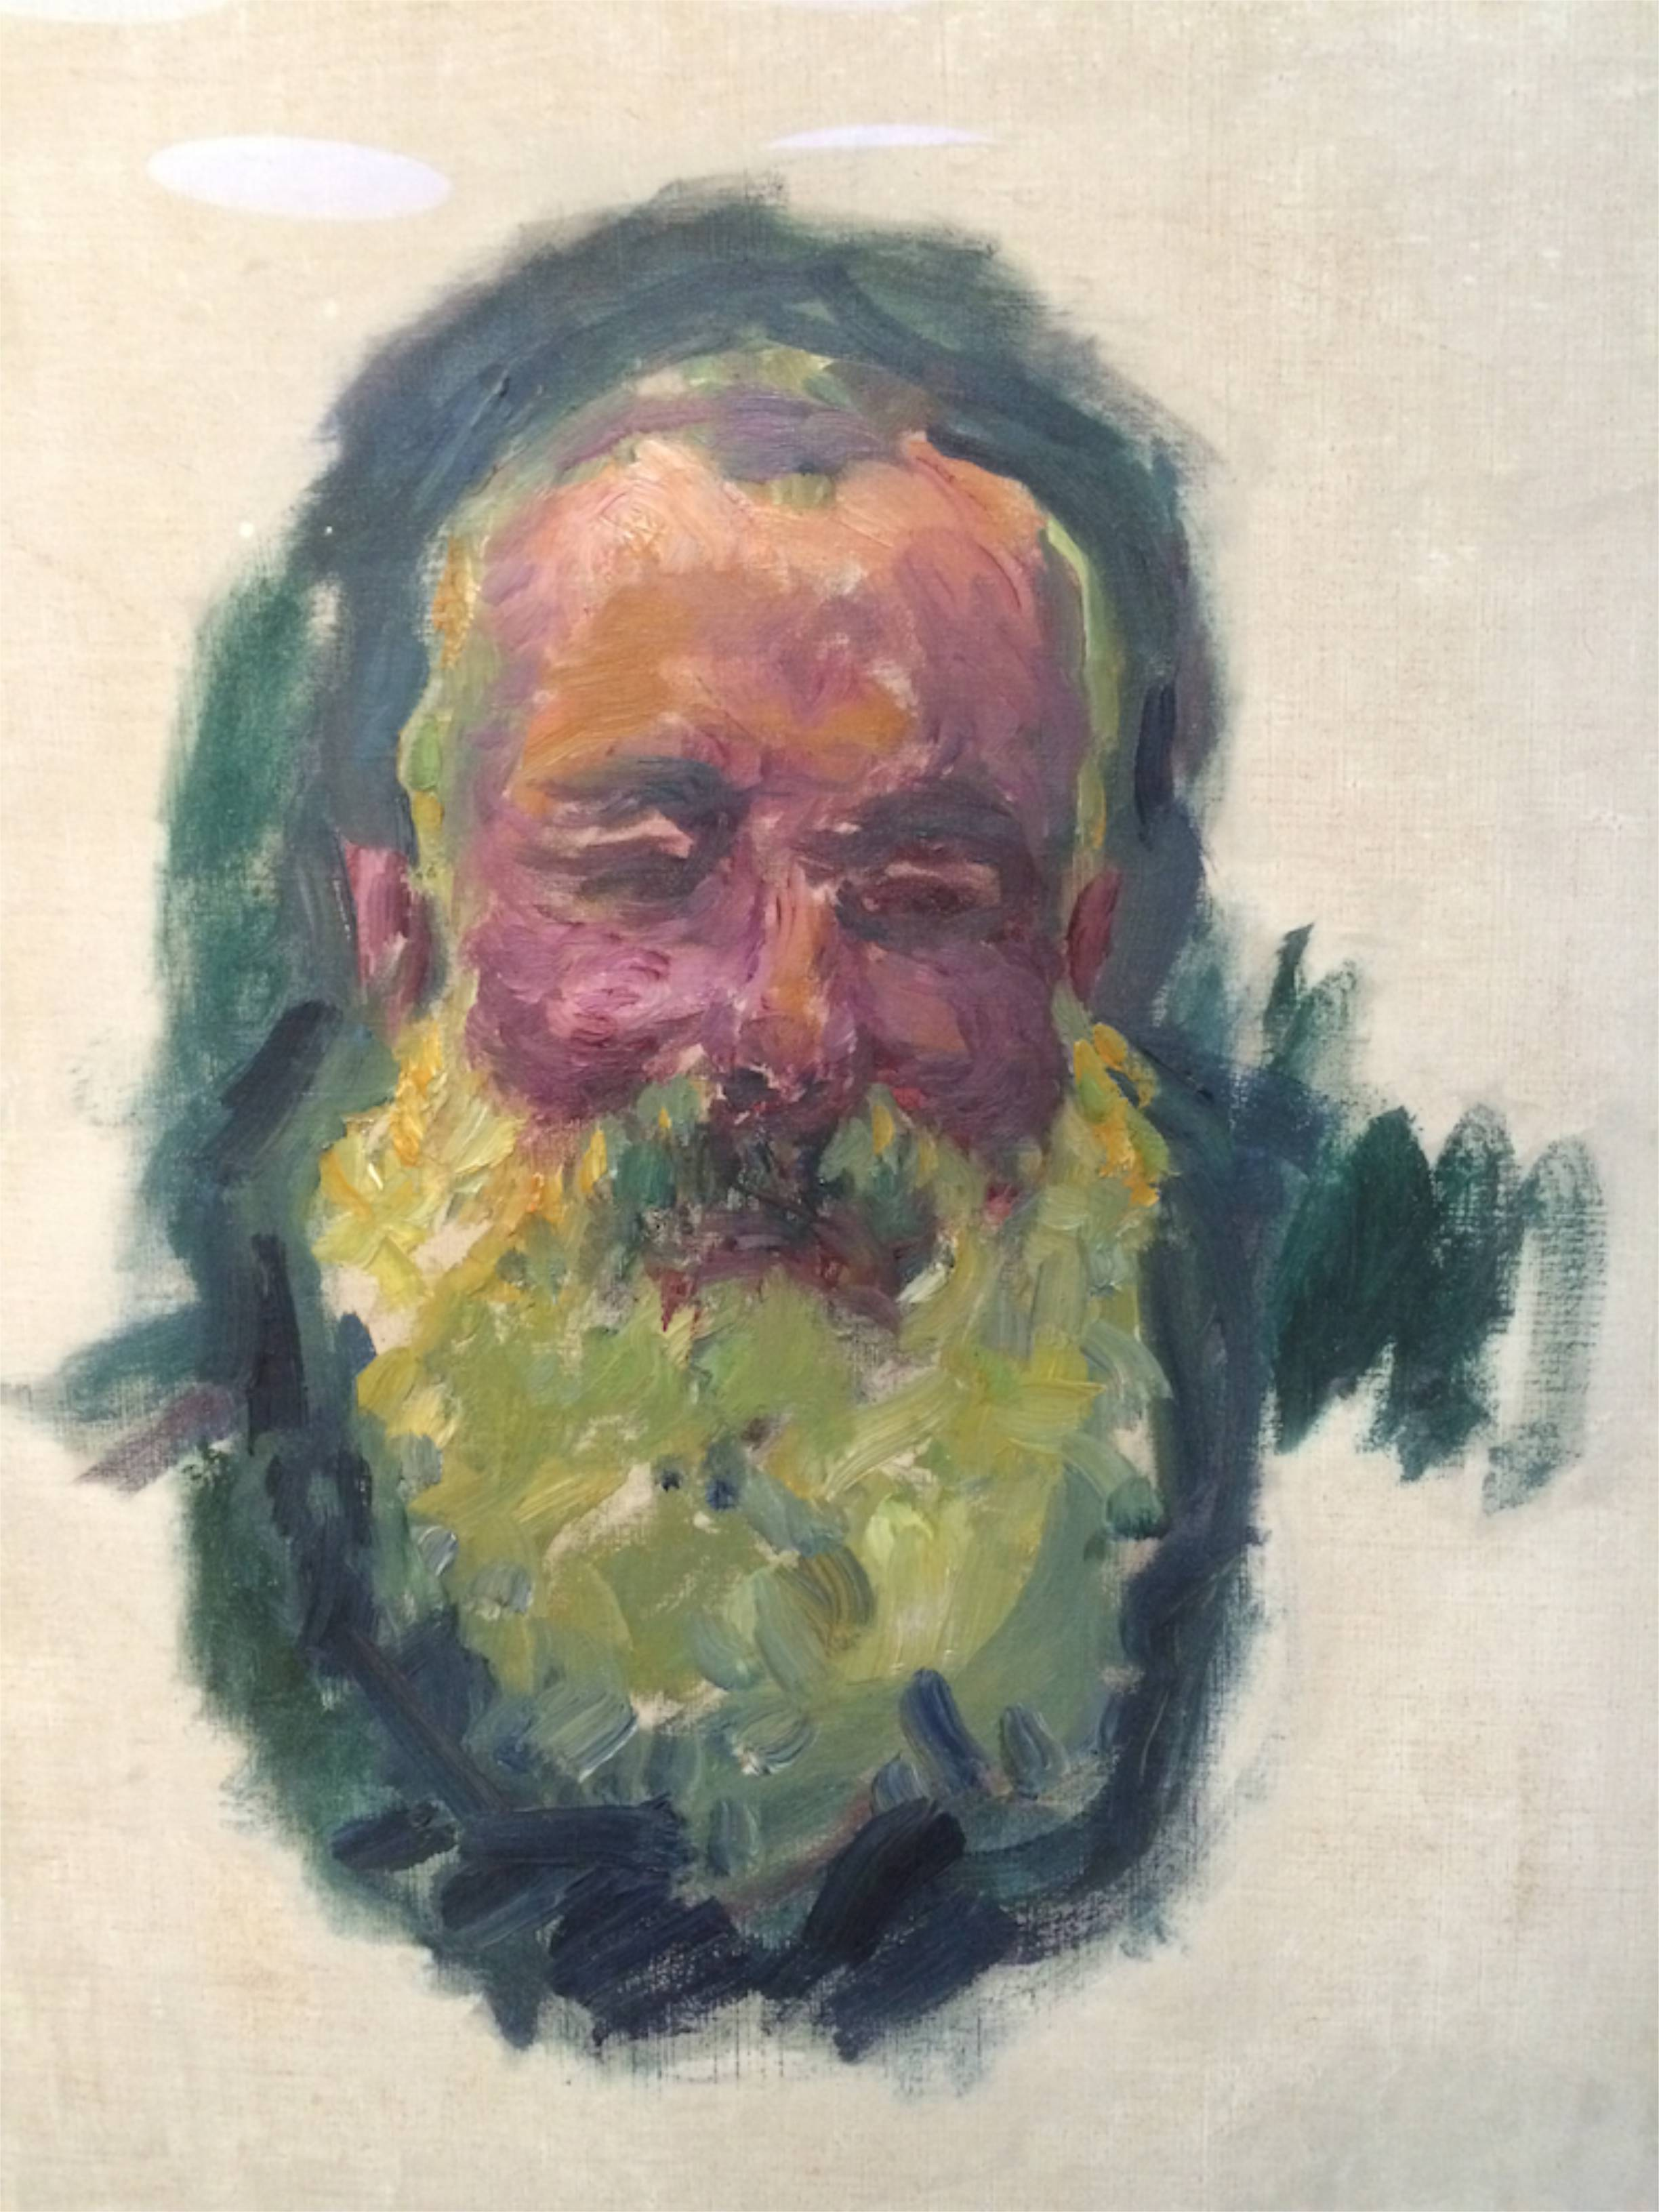 Figura 12. Claude Monet, Portrait de l'artiste